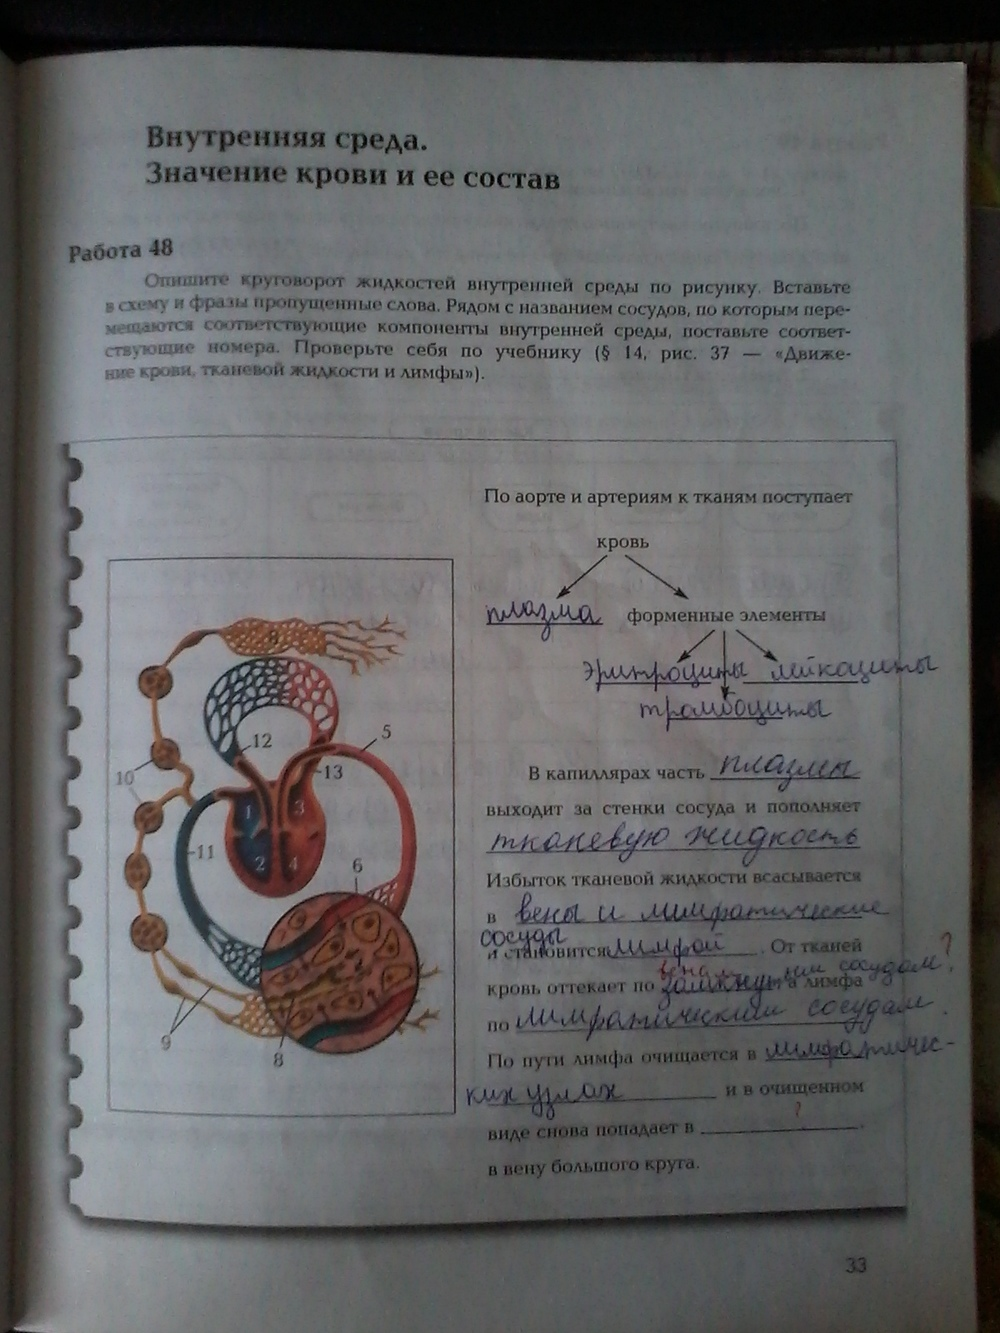 Гдз биология 8 класс драгомилов учебник